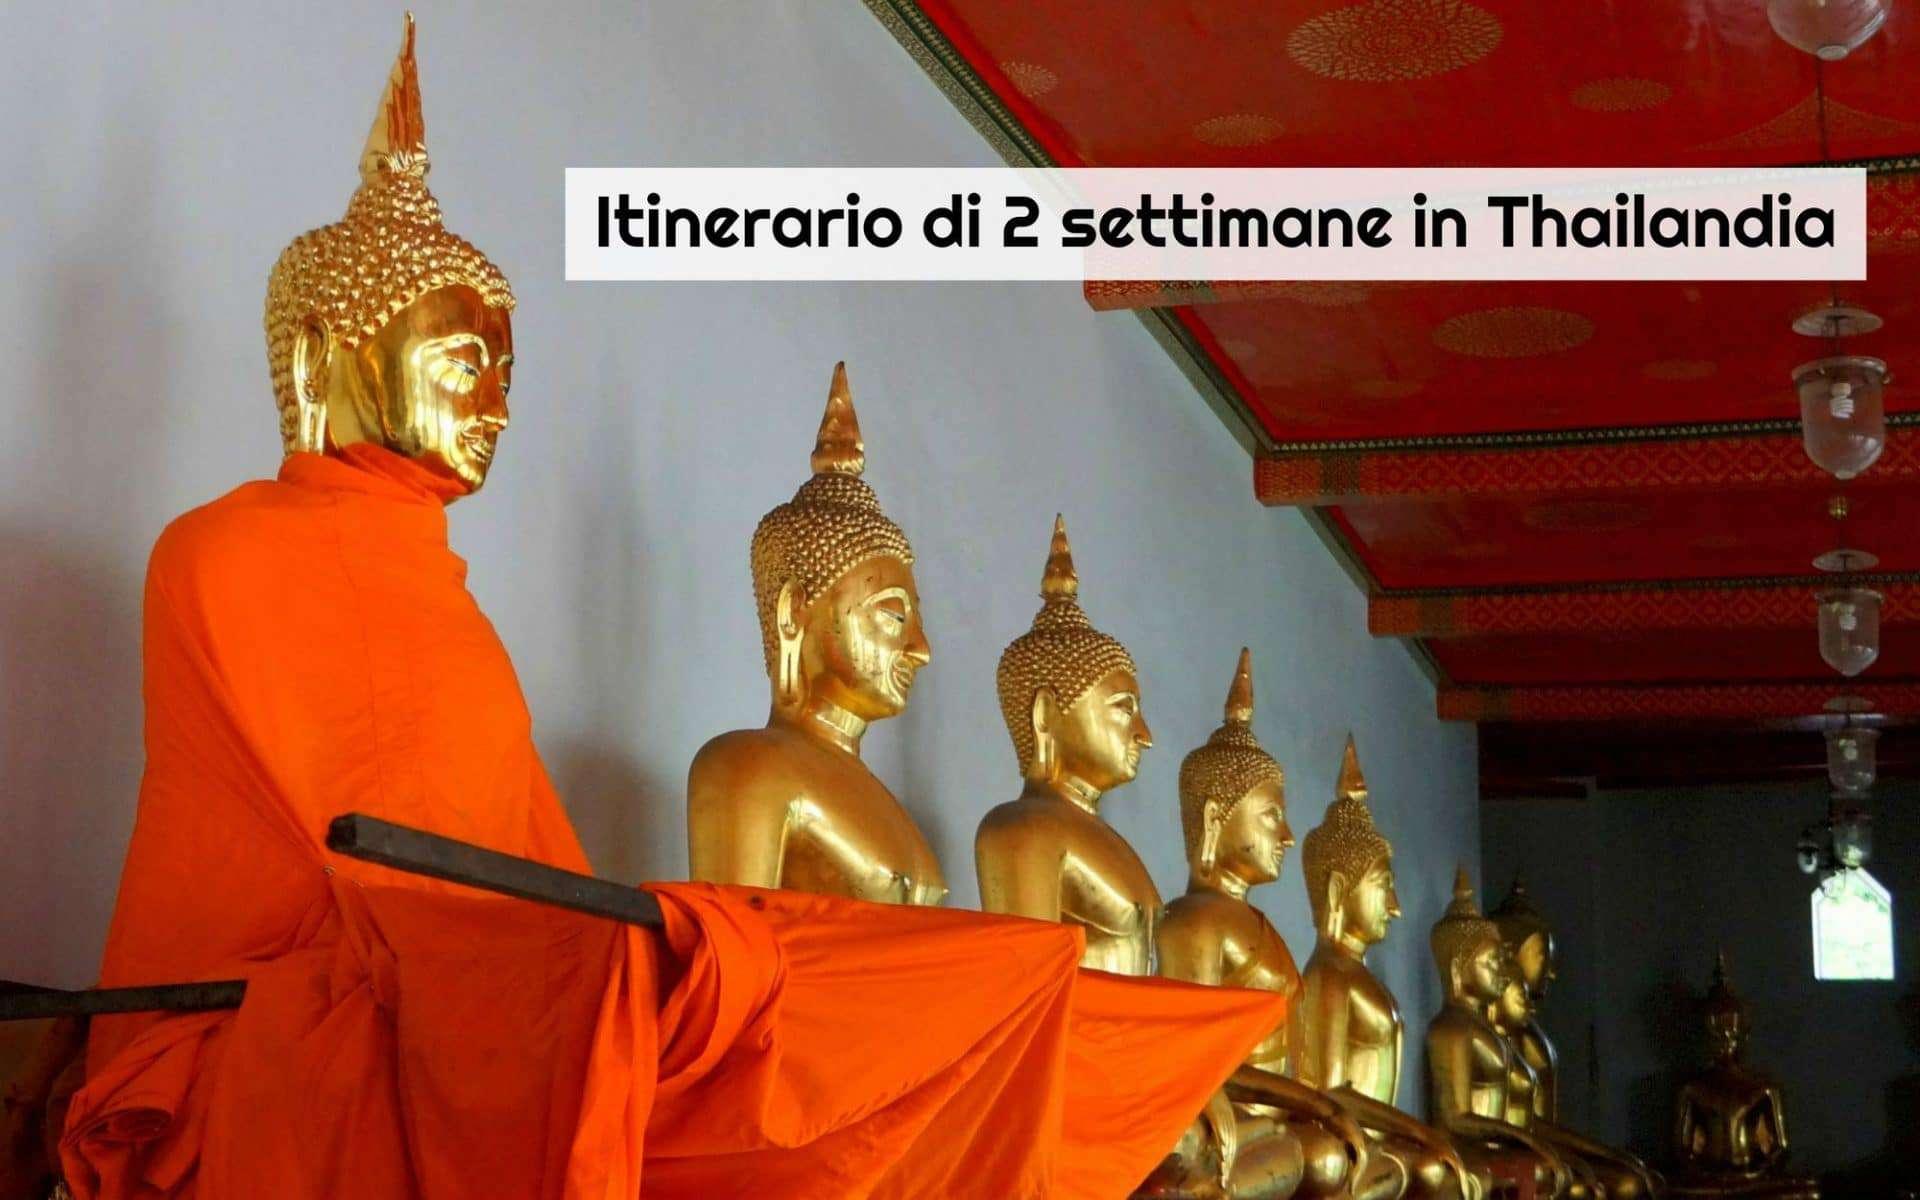 Il mio itinerario di 2 settimane in Thailandia in 10 tappe